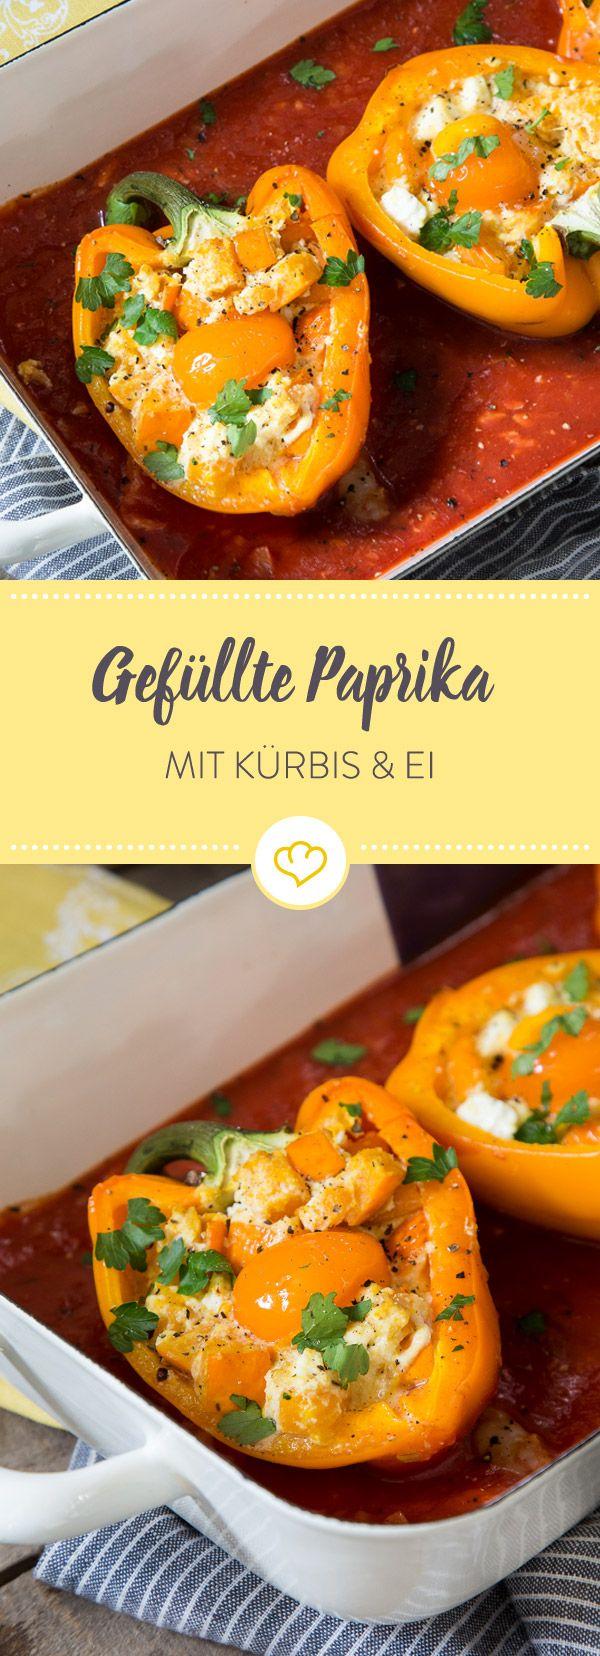 Gefüllte Paprika mit einer Füllung aus zartem Kürbis, cremigem Ricotta und kräftigem Feta. Schnapp' dir Gabel und Messer und gönne dir einen Bissen.